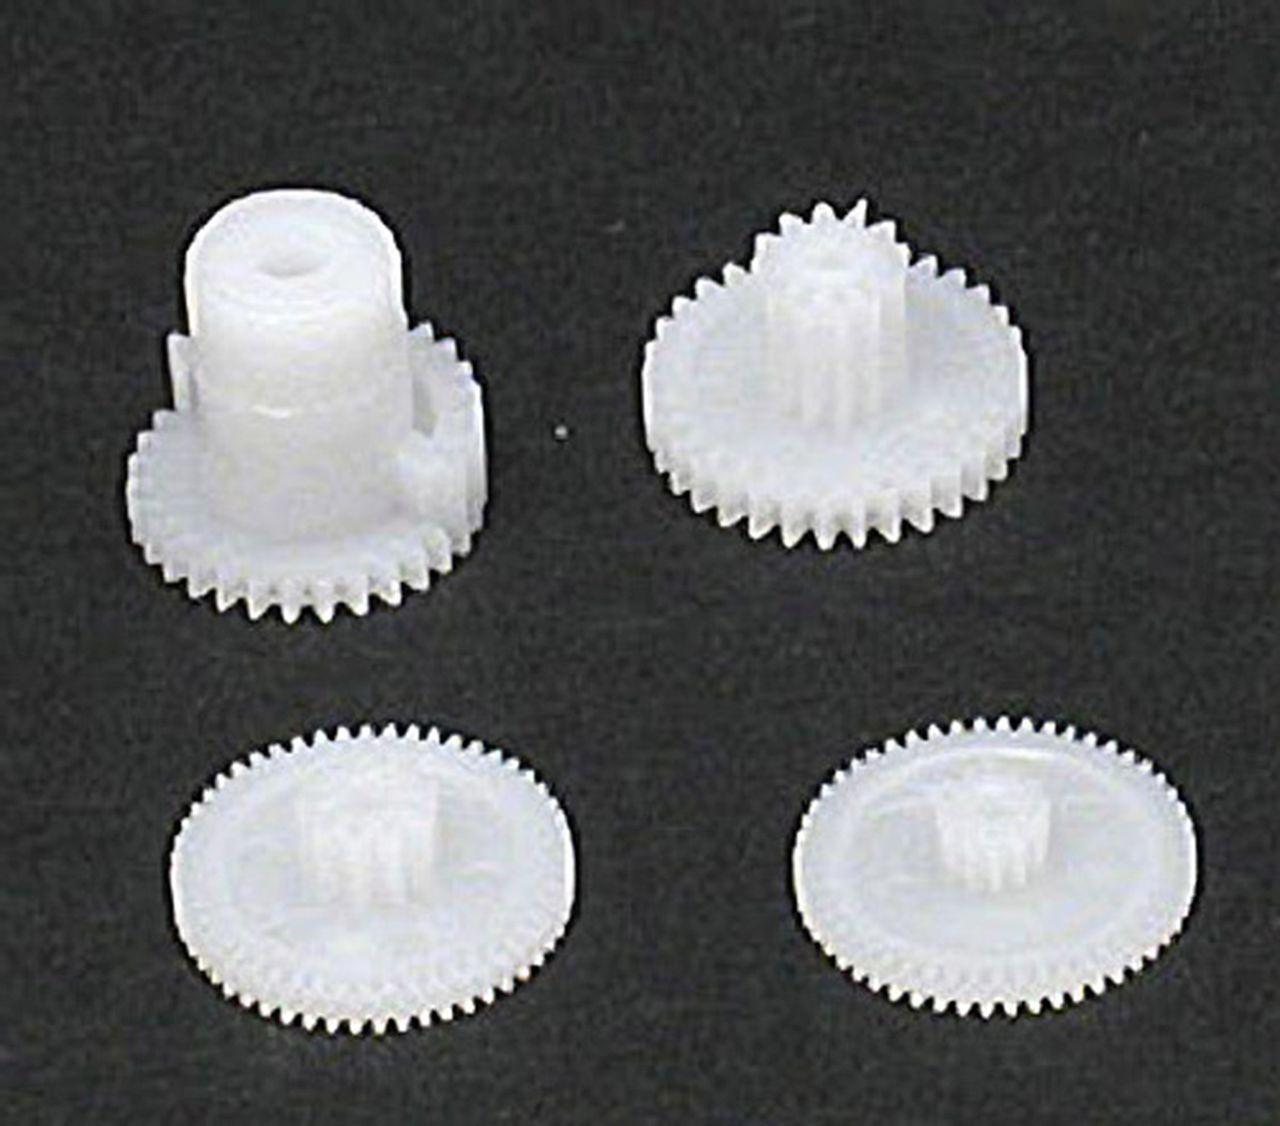 Zahnradsatz HS-81 und HS-82